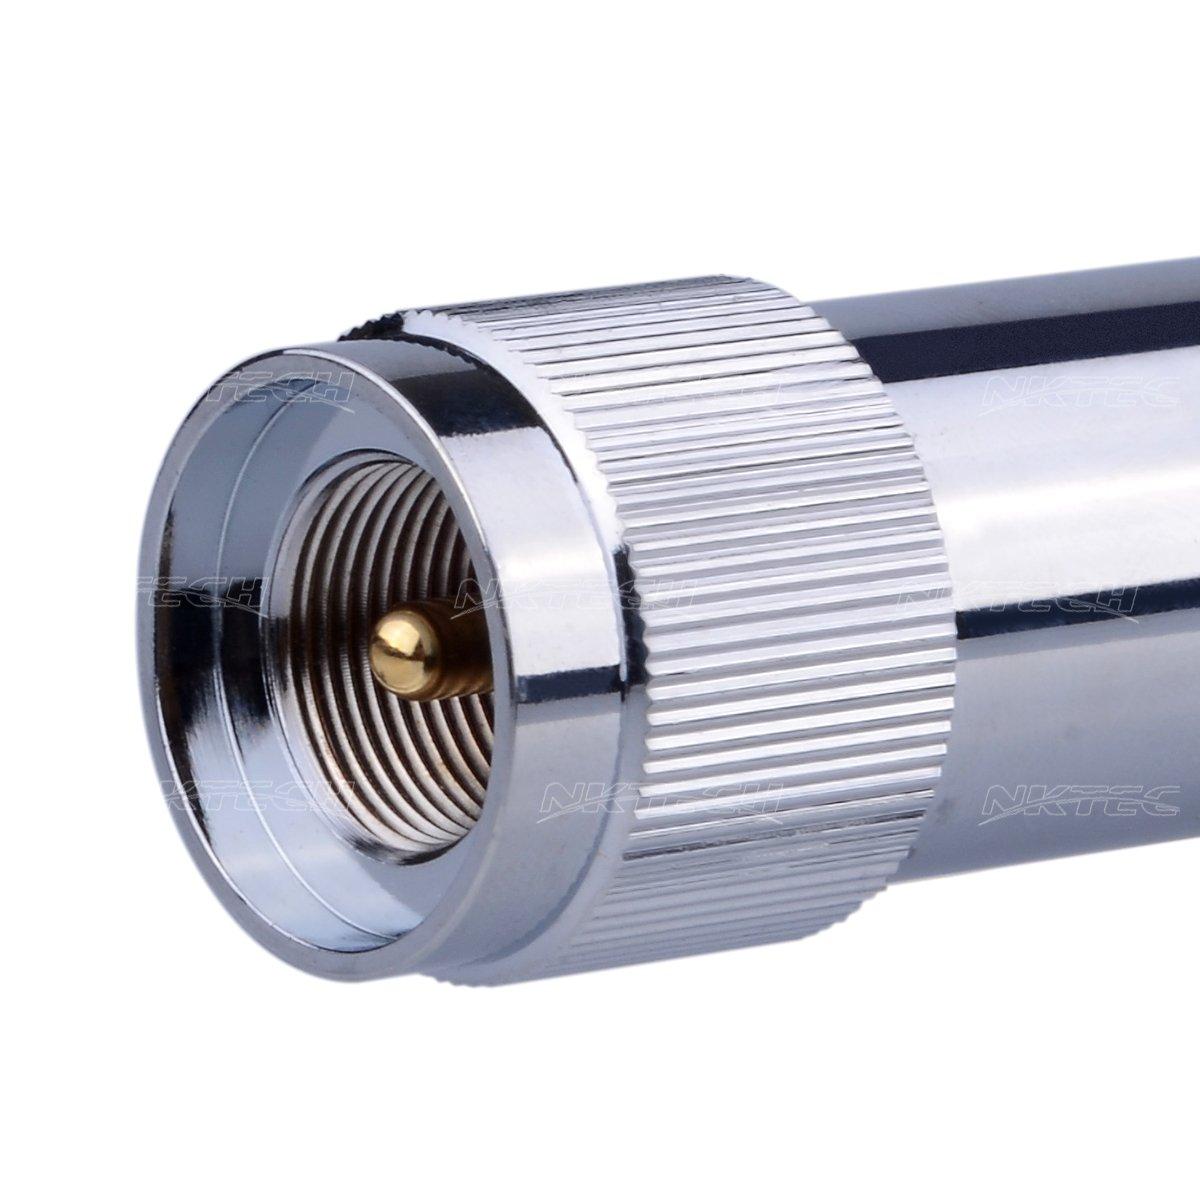 NKTECH NK-9900 Quad Band Stainless Antena 10M 6M 2M 70CM 60//150W For FT-8900R TYT TH-9800 WOUXUN KG-UV950P KG-UV920R QYT KT-7900D KT-UV980 PLUS M/óvil Transceptor 29.6//50.5//144//435MHz